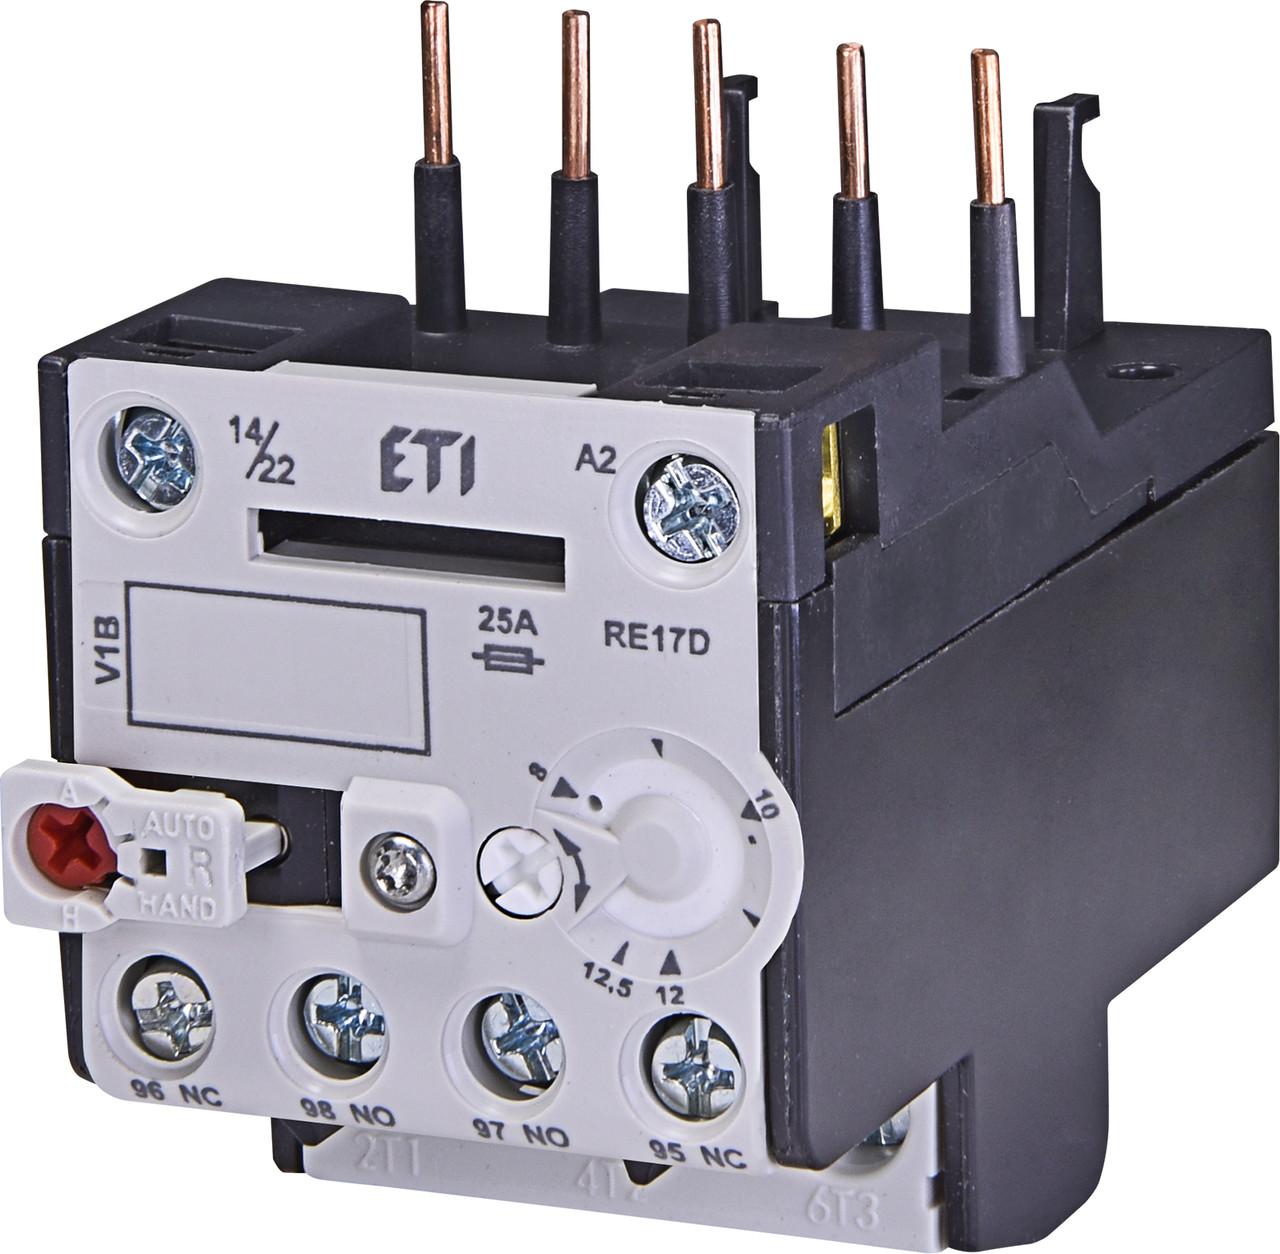 Тепловое реле ETI RE 17D-12,5 (8-12,5A) CE07/CEC 4641410 (для контакторов)